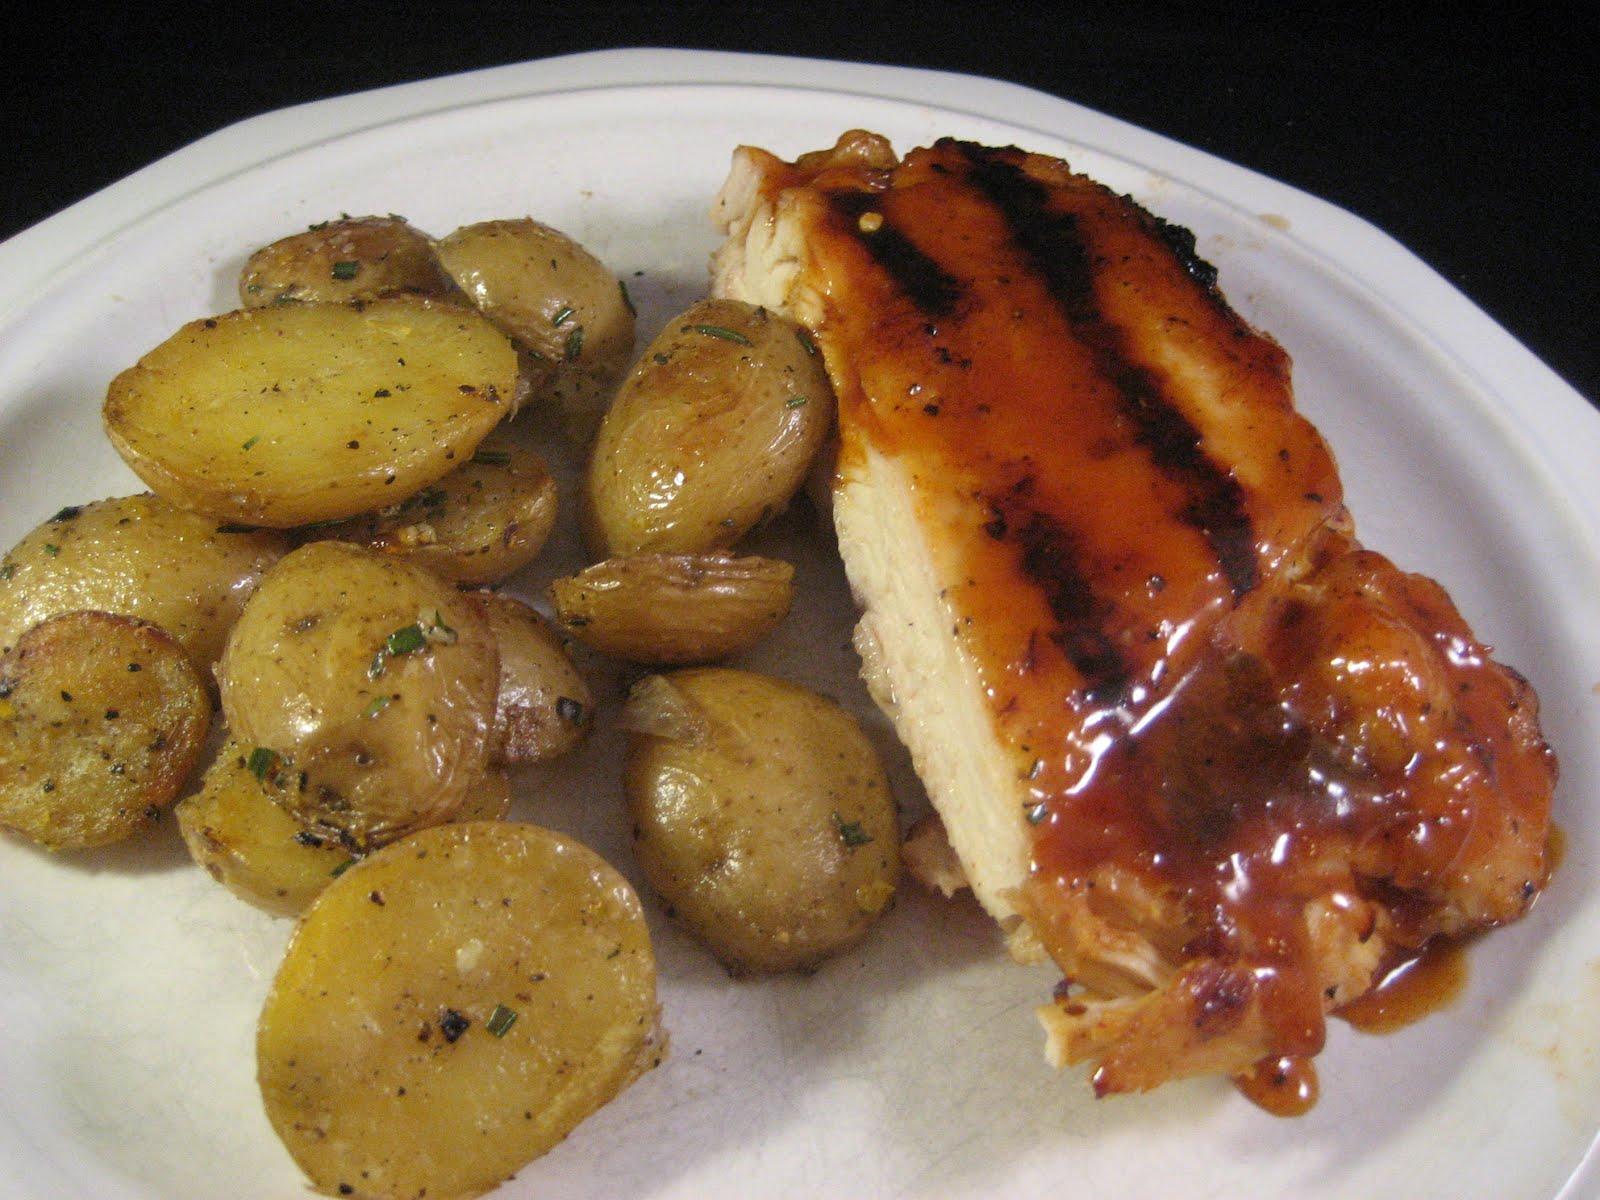 Chez Mona: Grill-Roasted Rosemary Potatoes